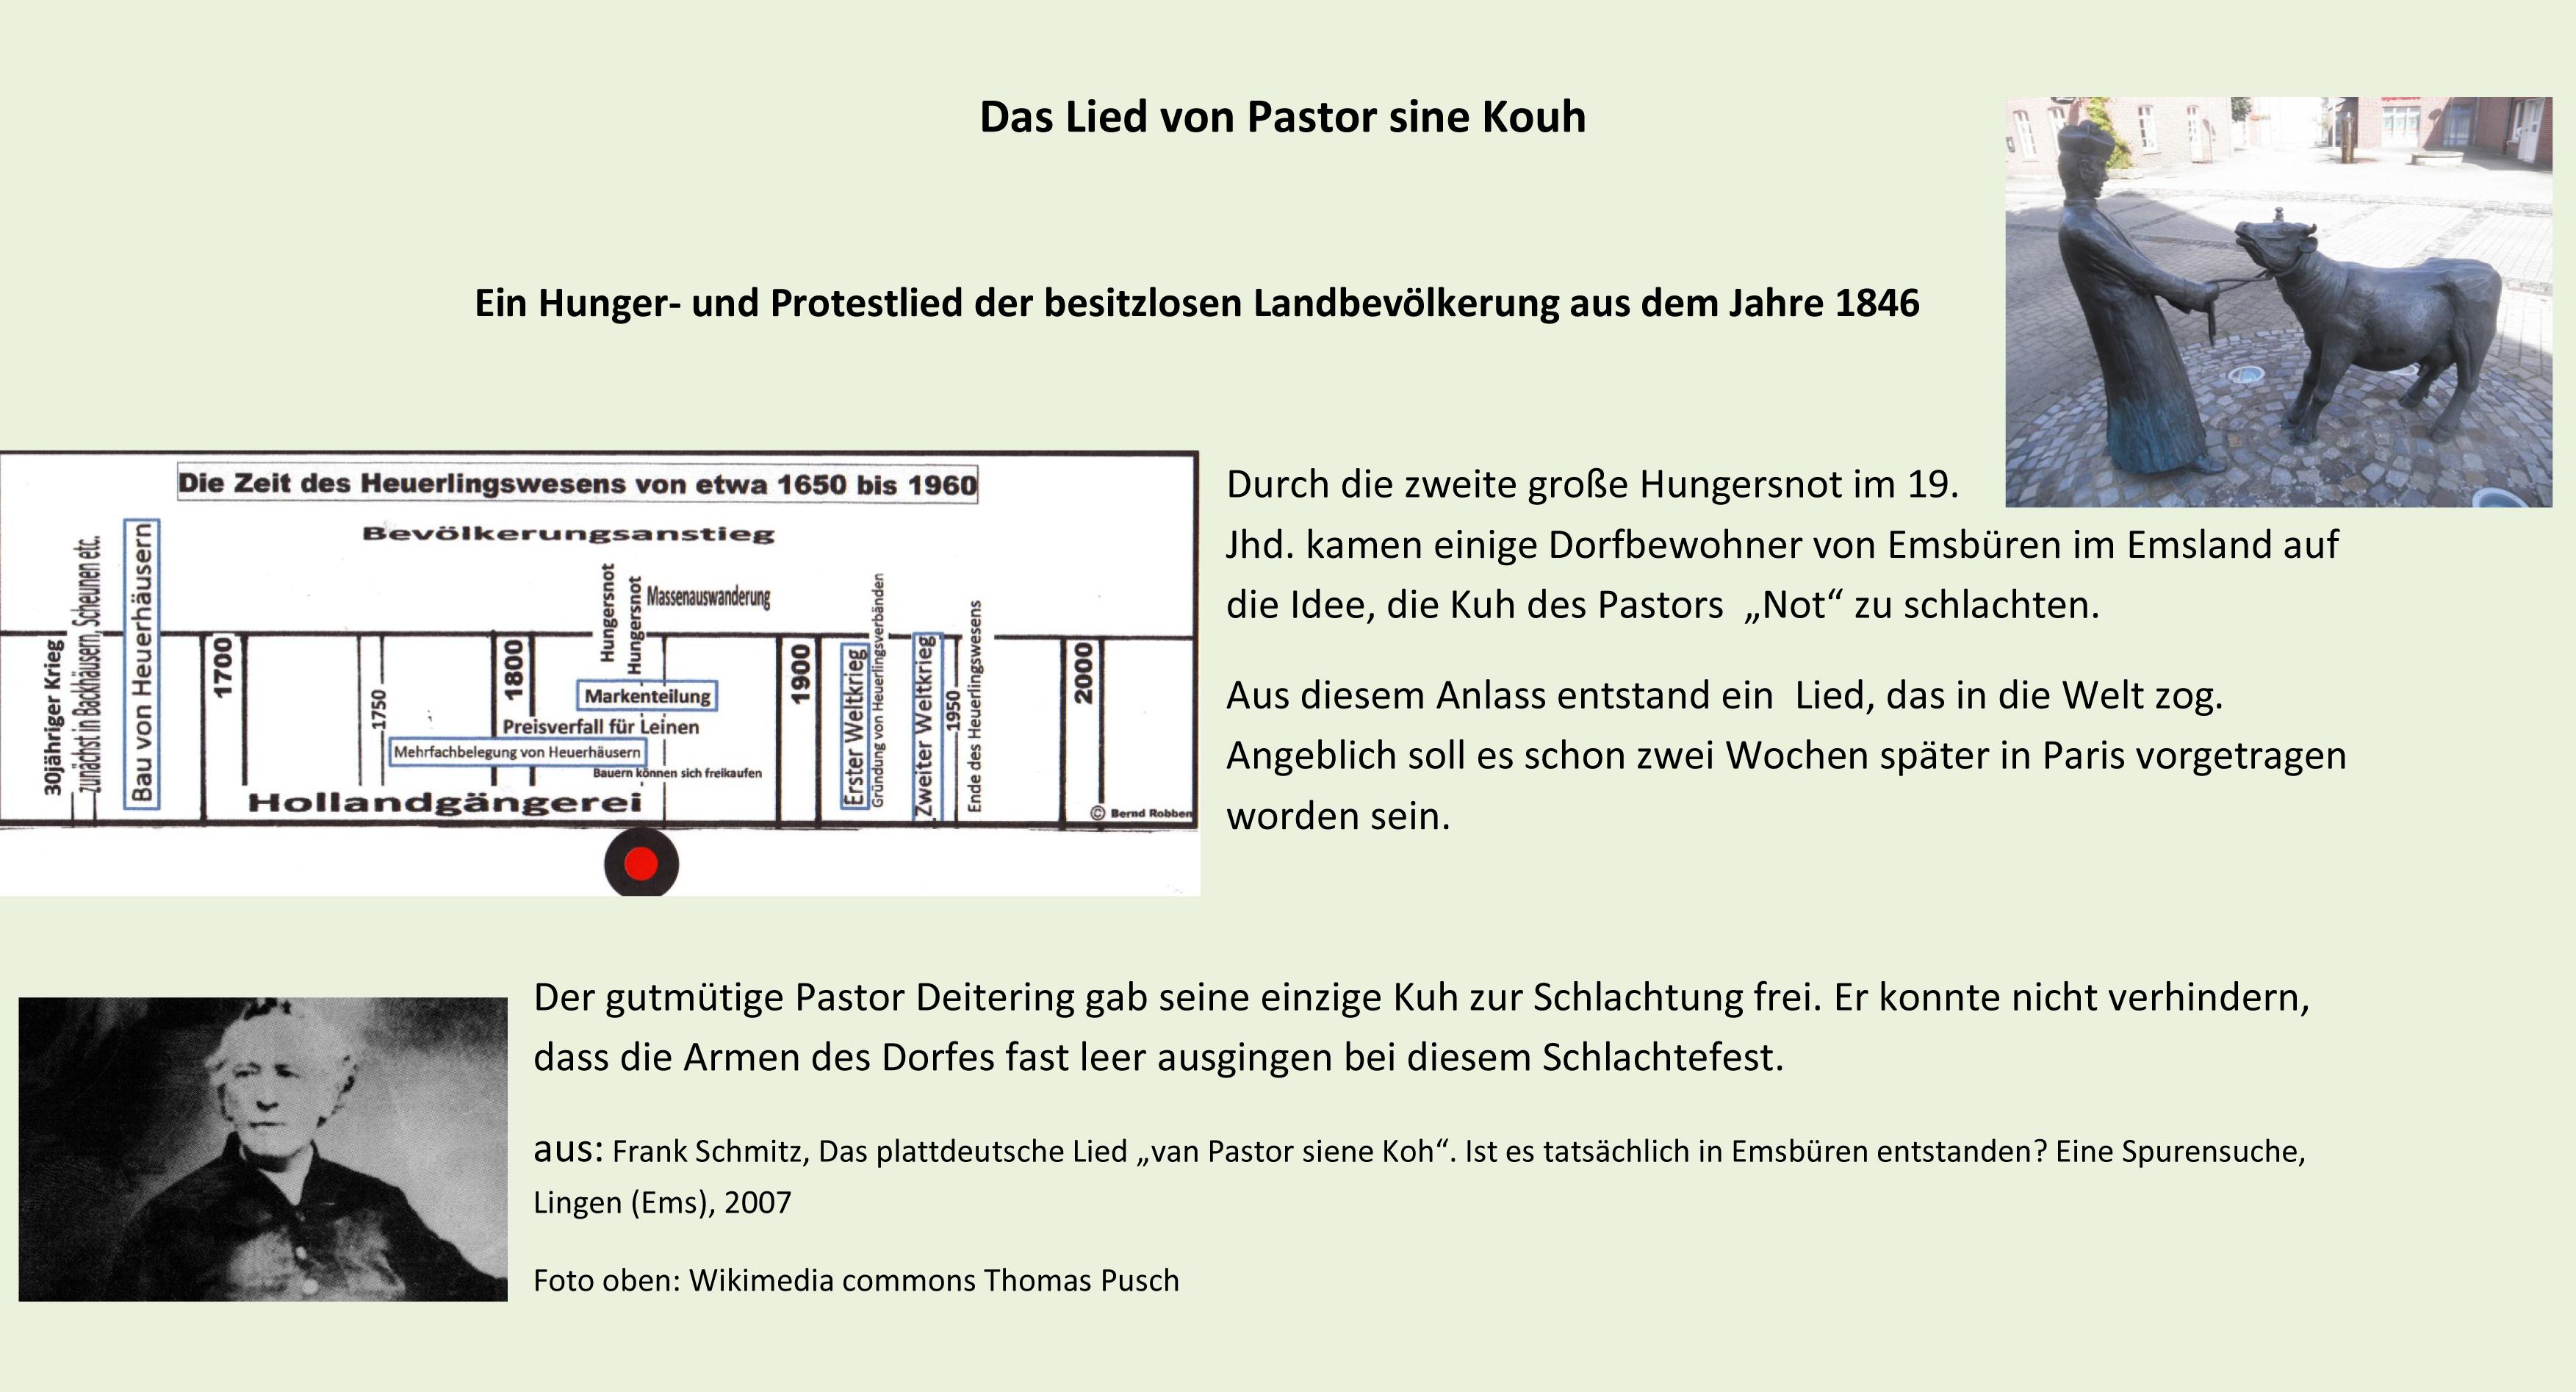 das-lied-von-pastor-sine-kouh